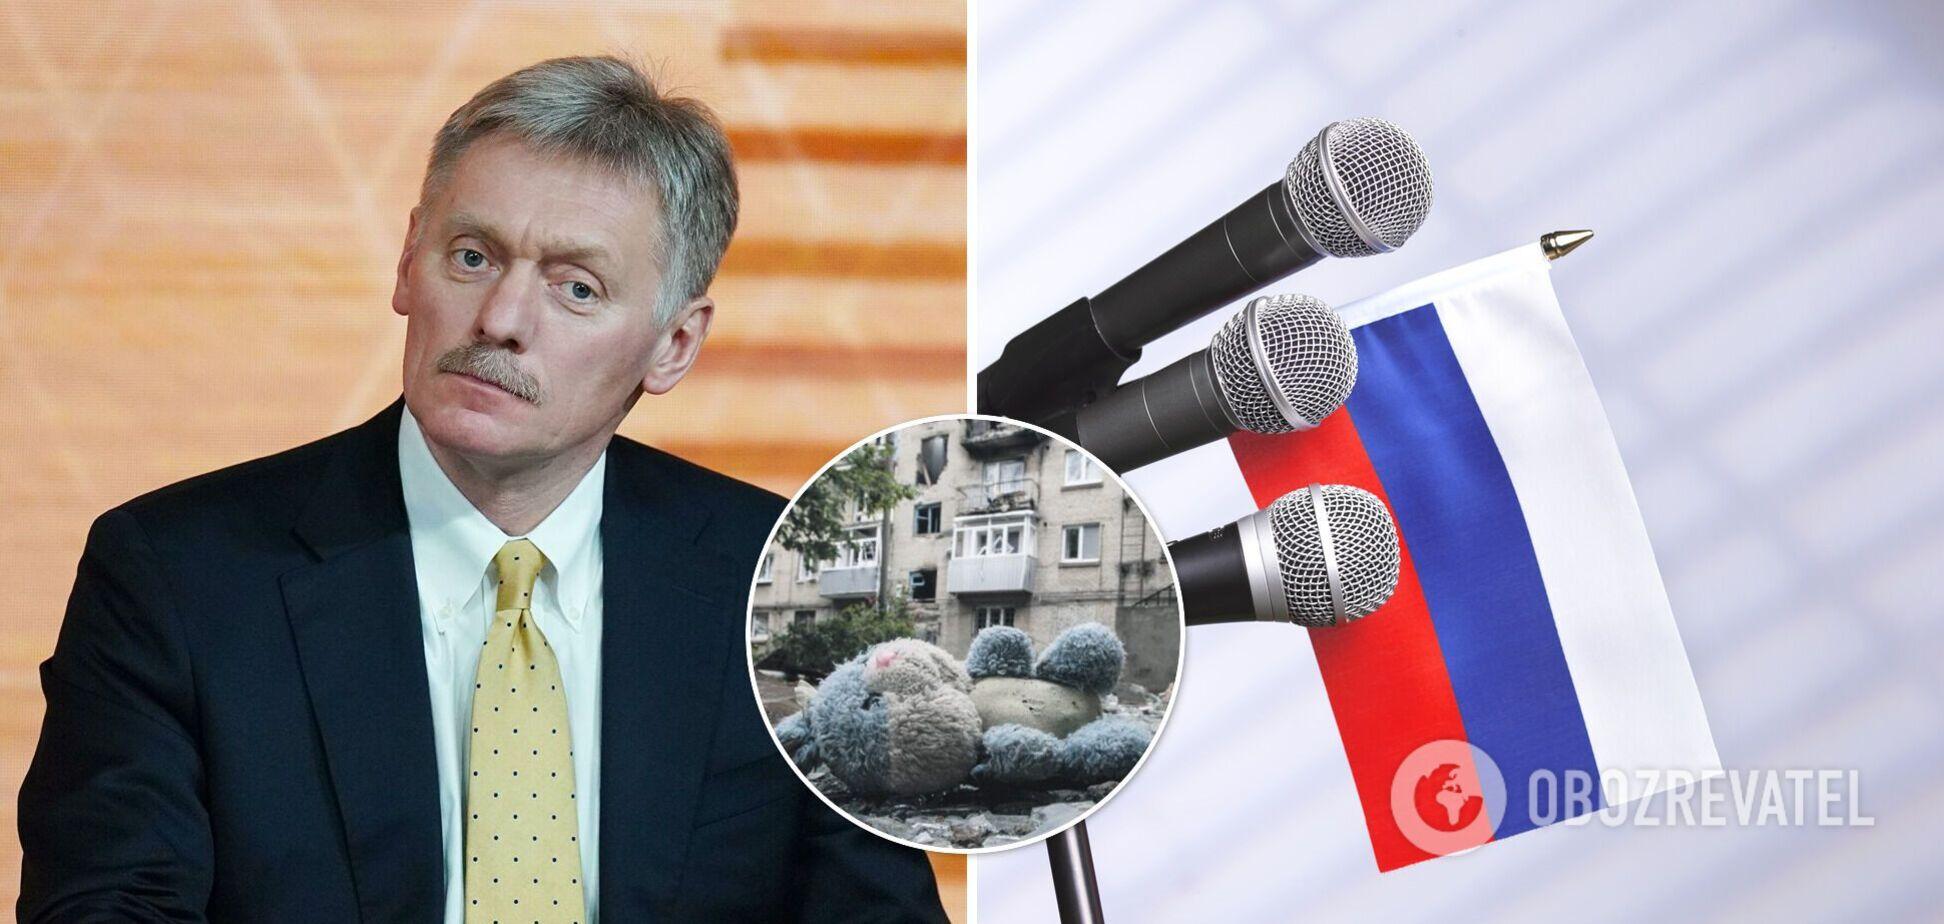 У Путіна підтримали фейк про 'вбиту ЗСУ дитину' на Донбасі